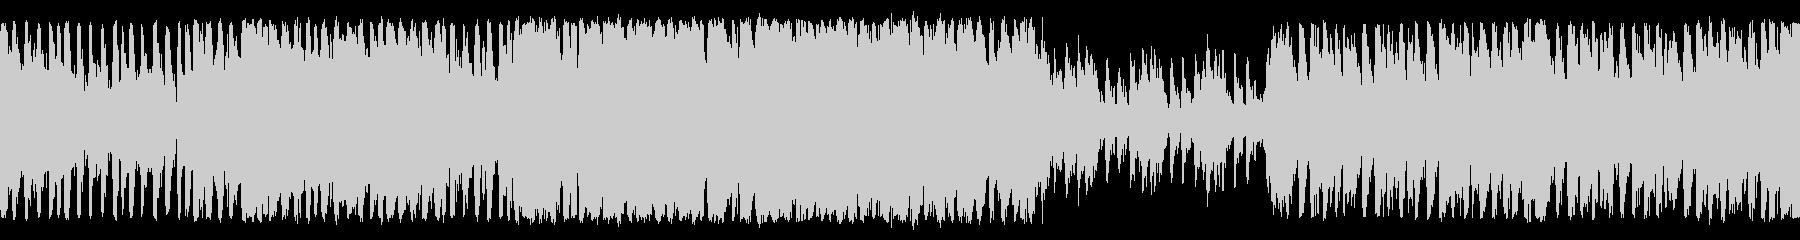 戦国オーケストラ 壮大な合戦 ループ仕様の未再生の波形